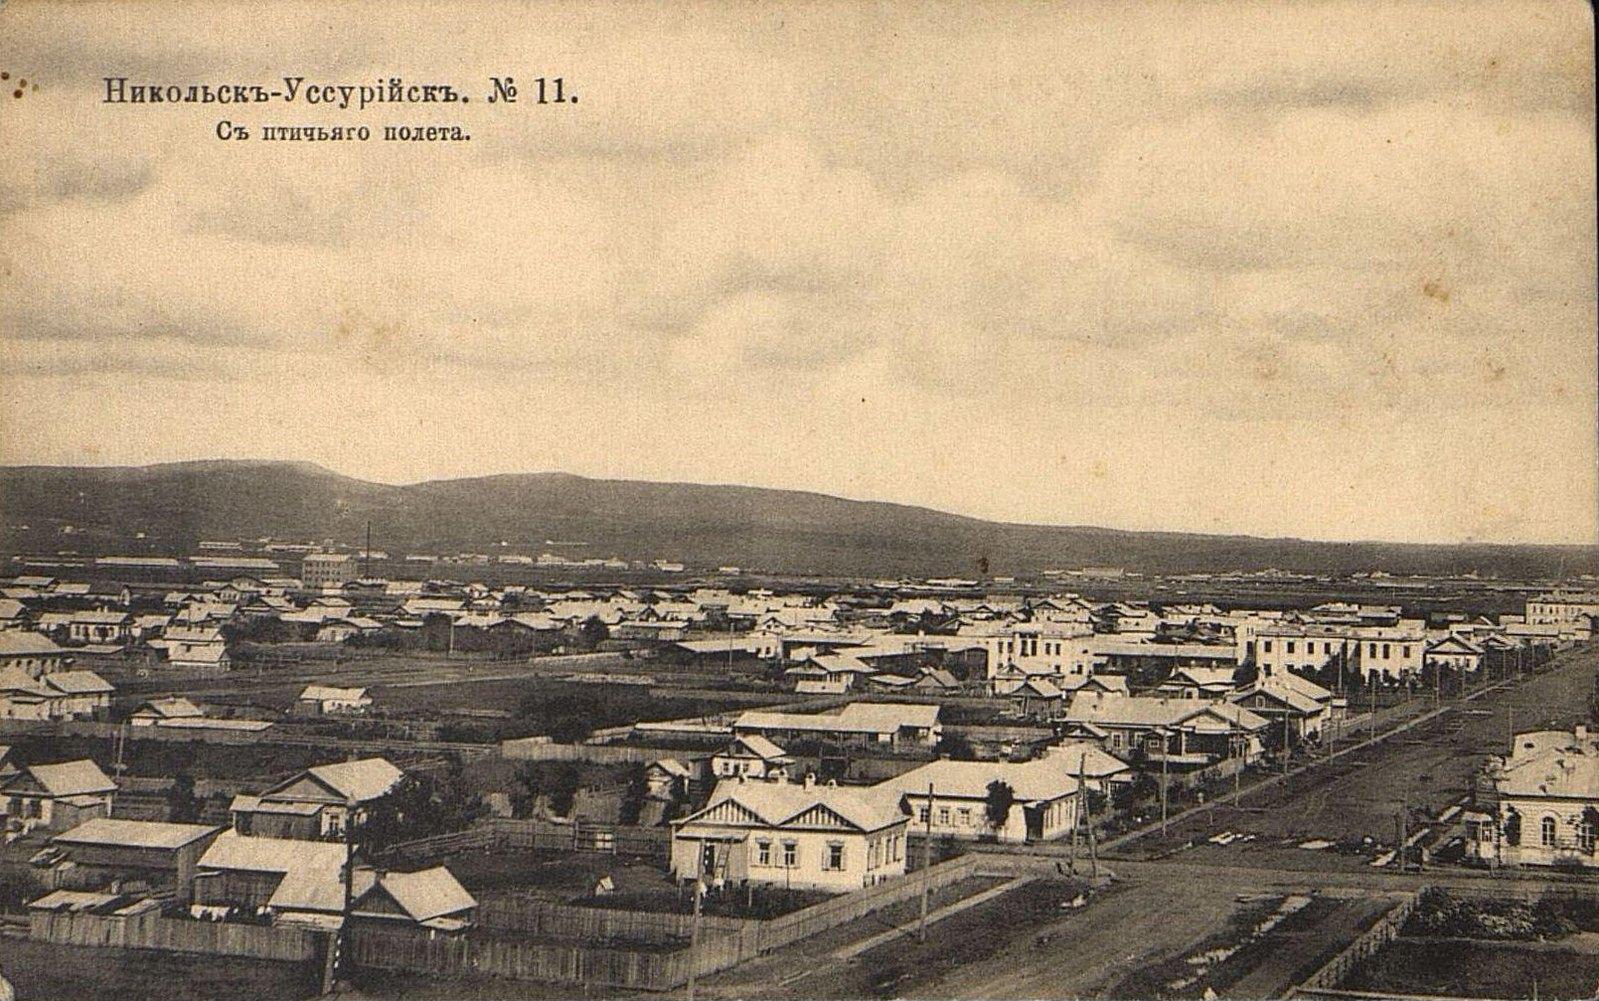 Никольск-Уссурийск с птичьего полёта.